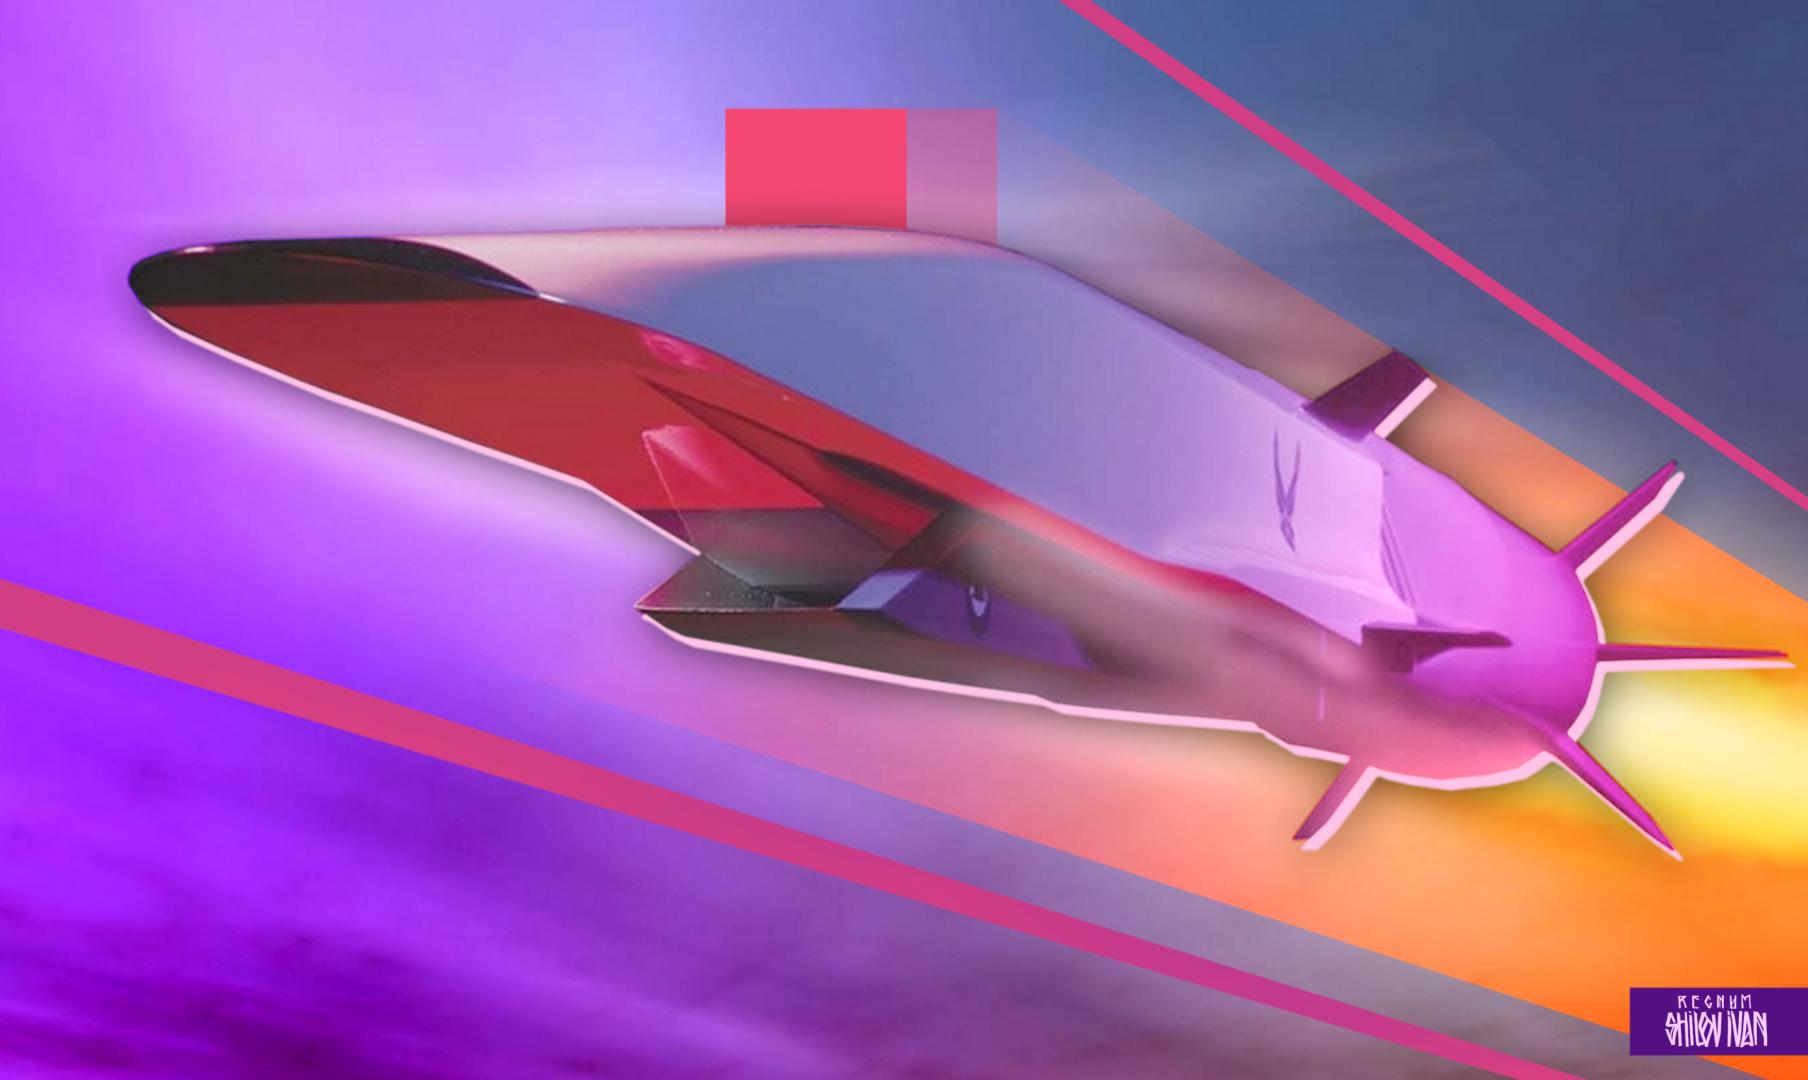 В россии успешно провели испытания новой гиперзвуковой ракеты «циркон», не имеющей аналогов в мире. противокорабельная гиперзвуковая ракета «циркон новая информация о ракетах циркон